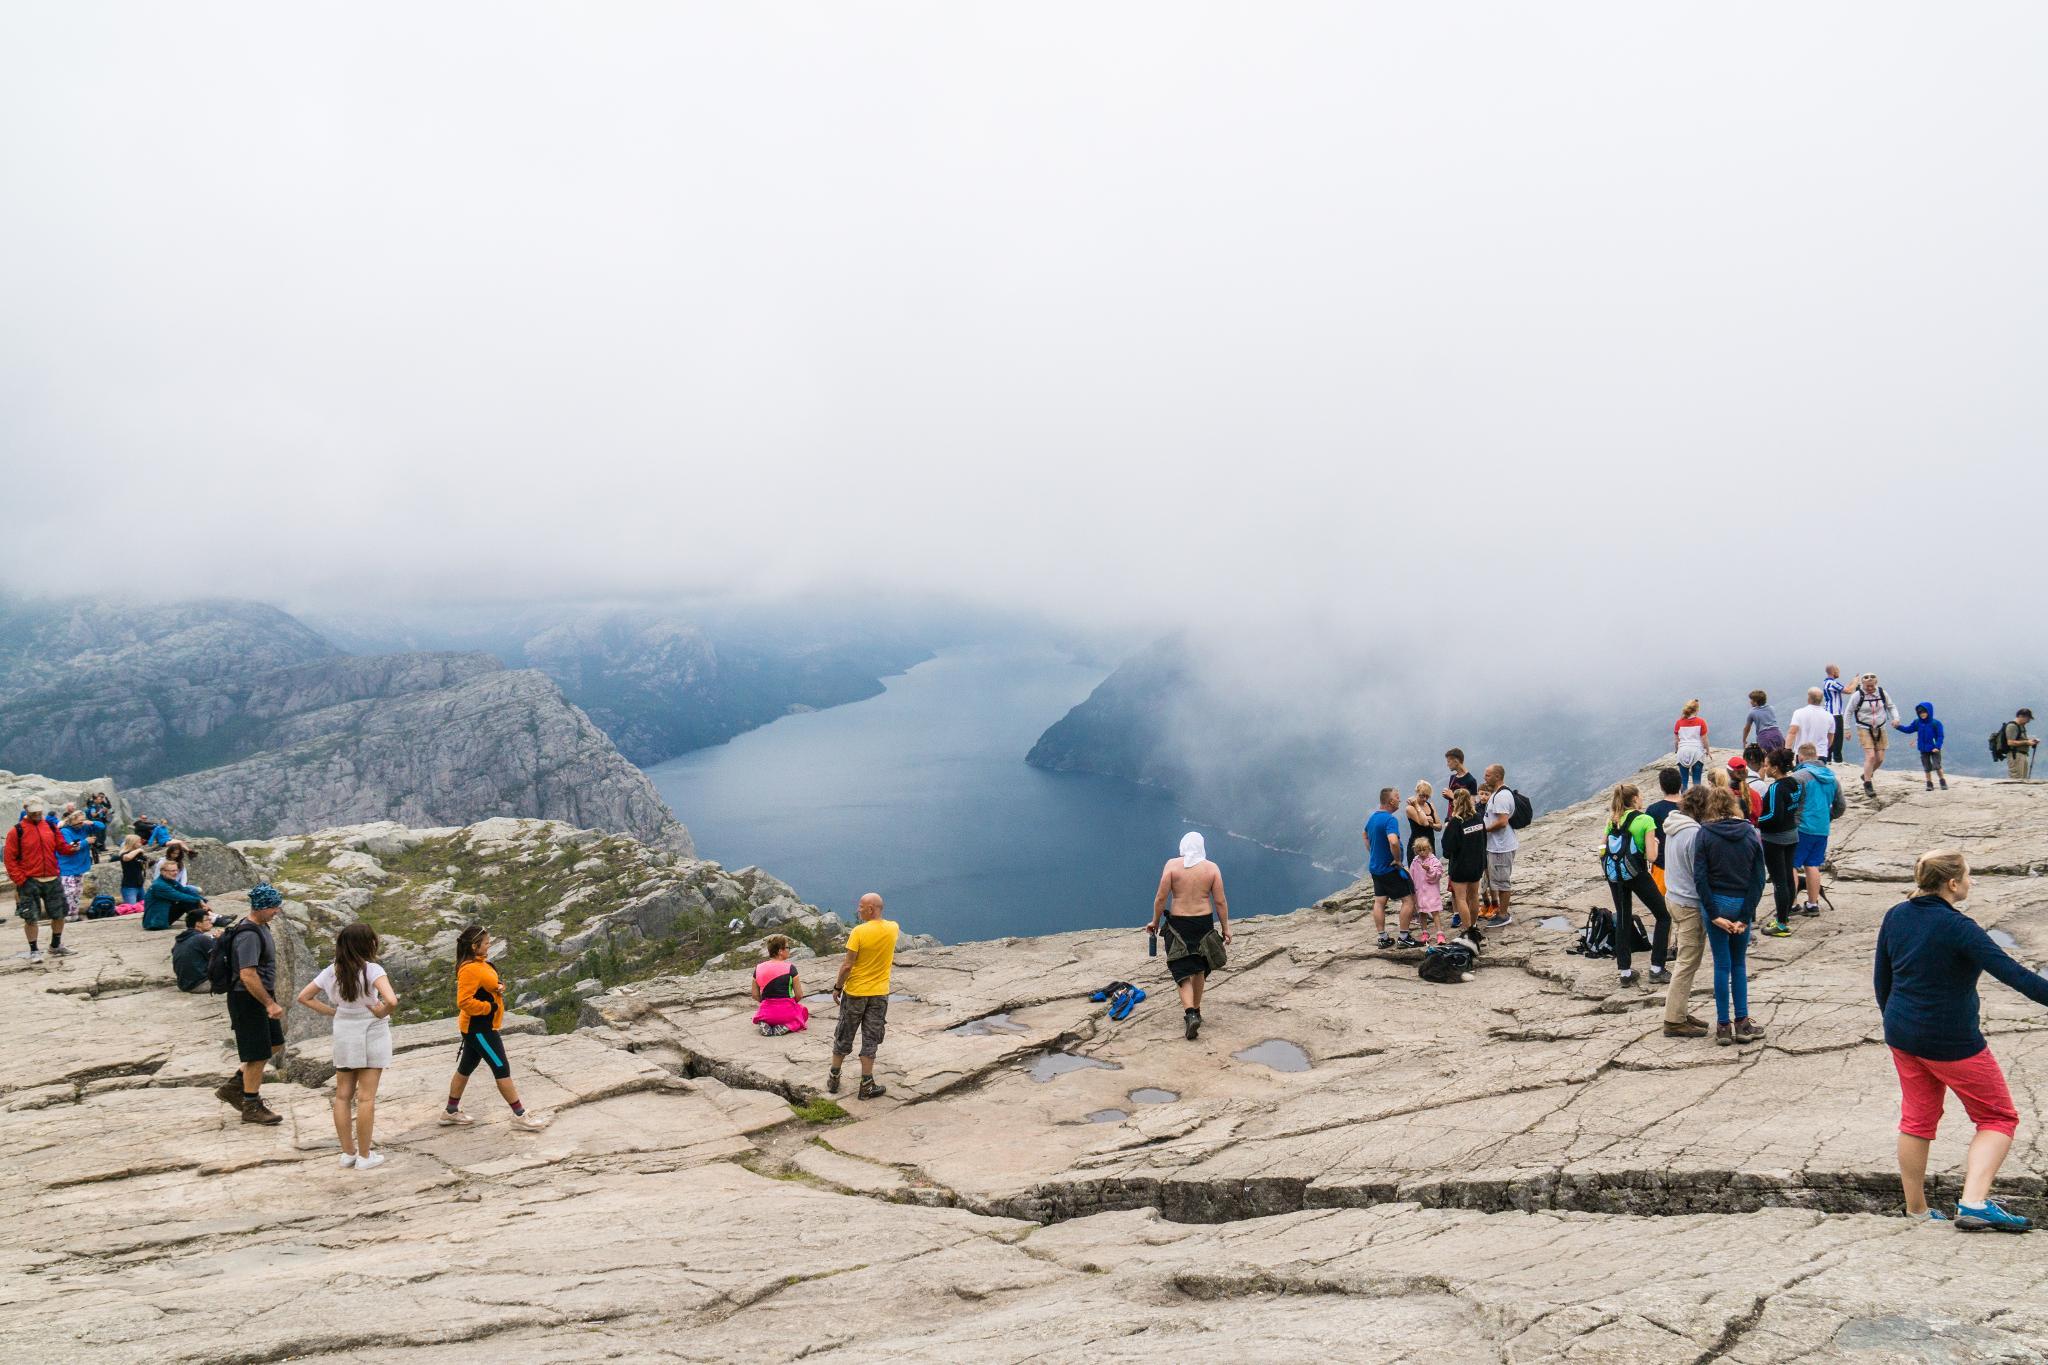 【北歐景點】朝聖挪威三大奇岩:聖壇岩Preikestolen健行紀錄 23